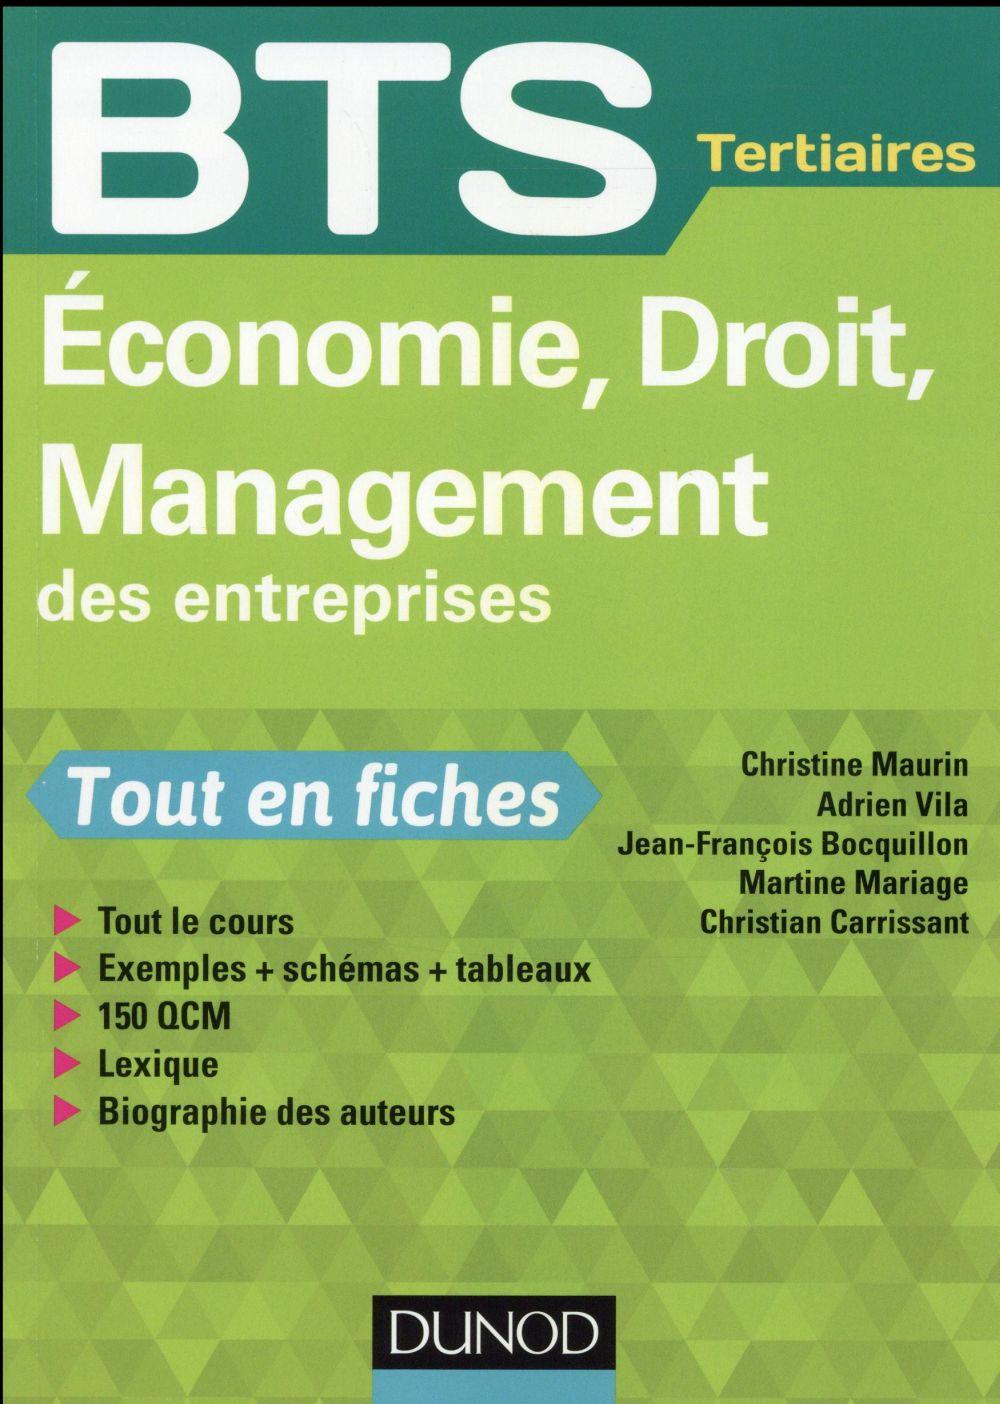 économie, droit, management des entreprises ; BTS